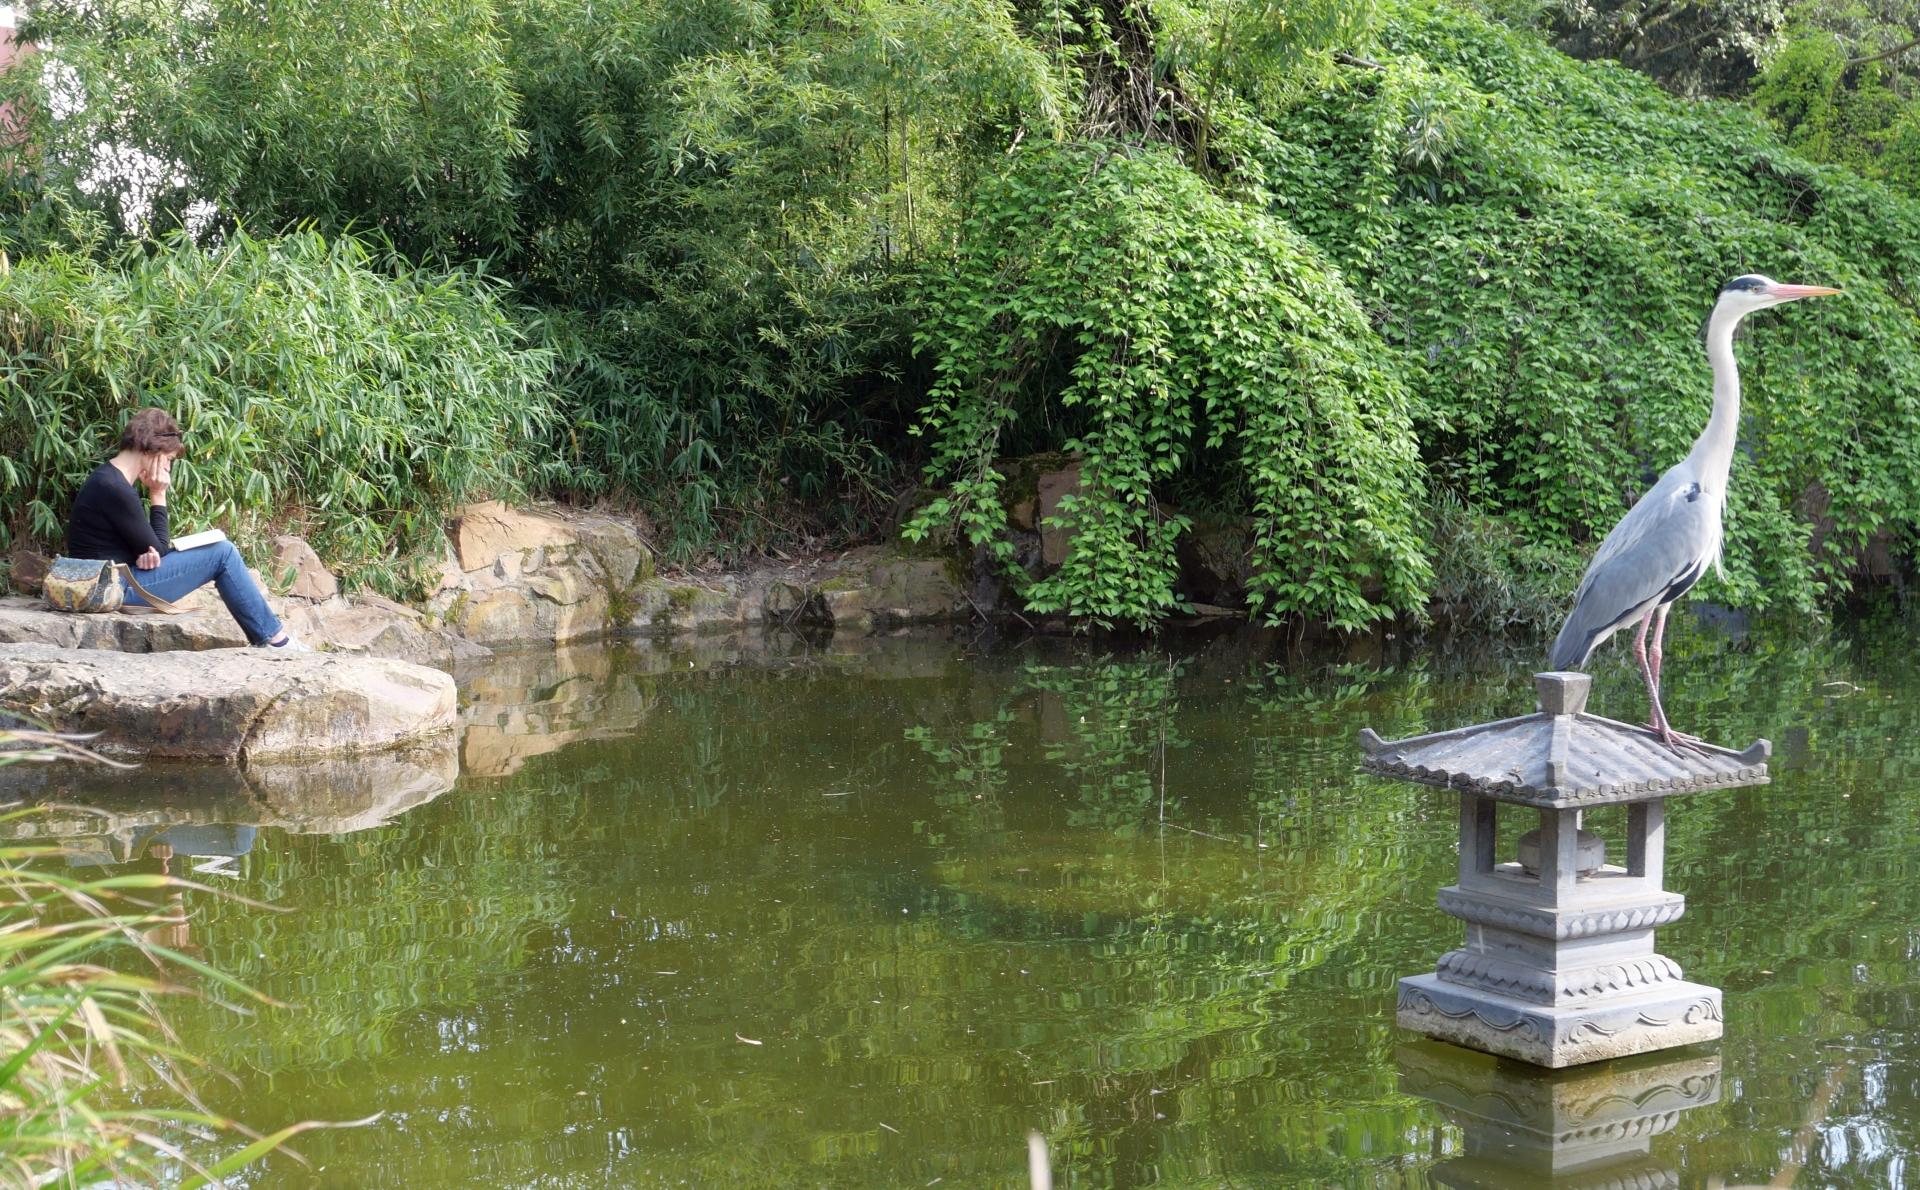 Synchronmeditation im Chinesischen Garten im Frankfurter Bethmannpark: Das In-sich-Ruhen von Mensch und Tier wirken auf verblüffende Weise aufeinander abgestimmt.